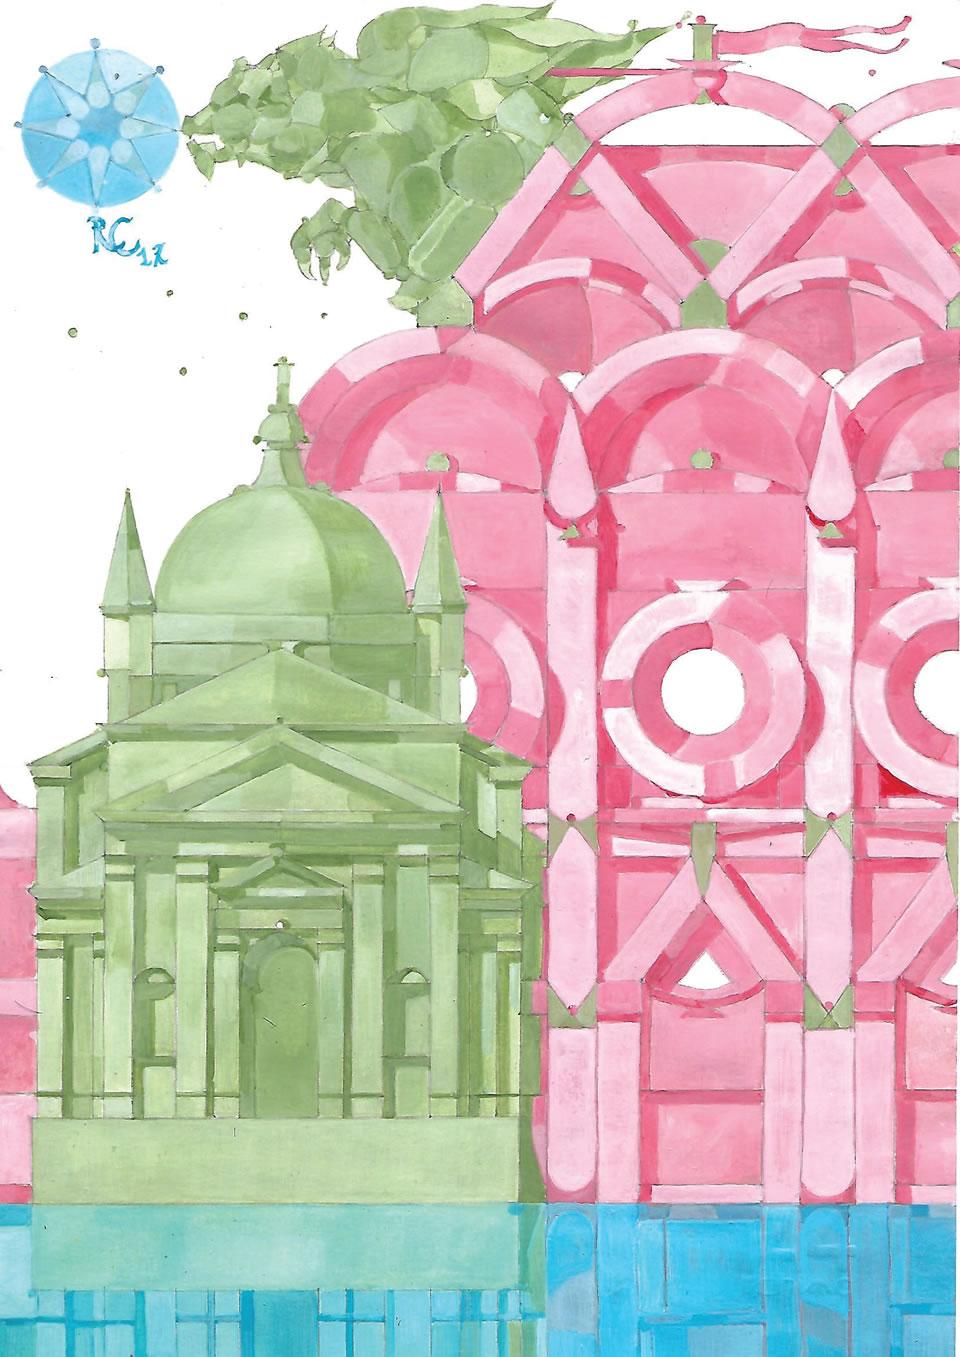 Tempio del redentore | acrilico su carta CM 21 x 29,5 | RICCARDO CECCHINI 2017